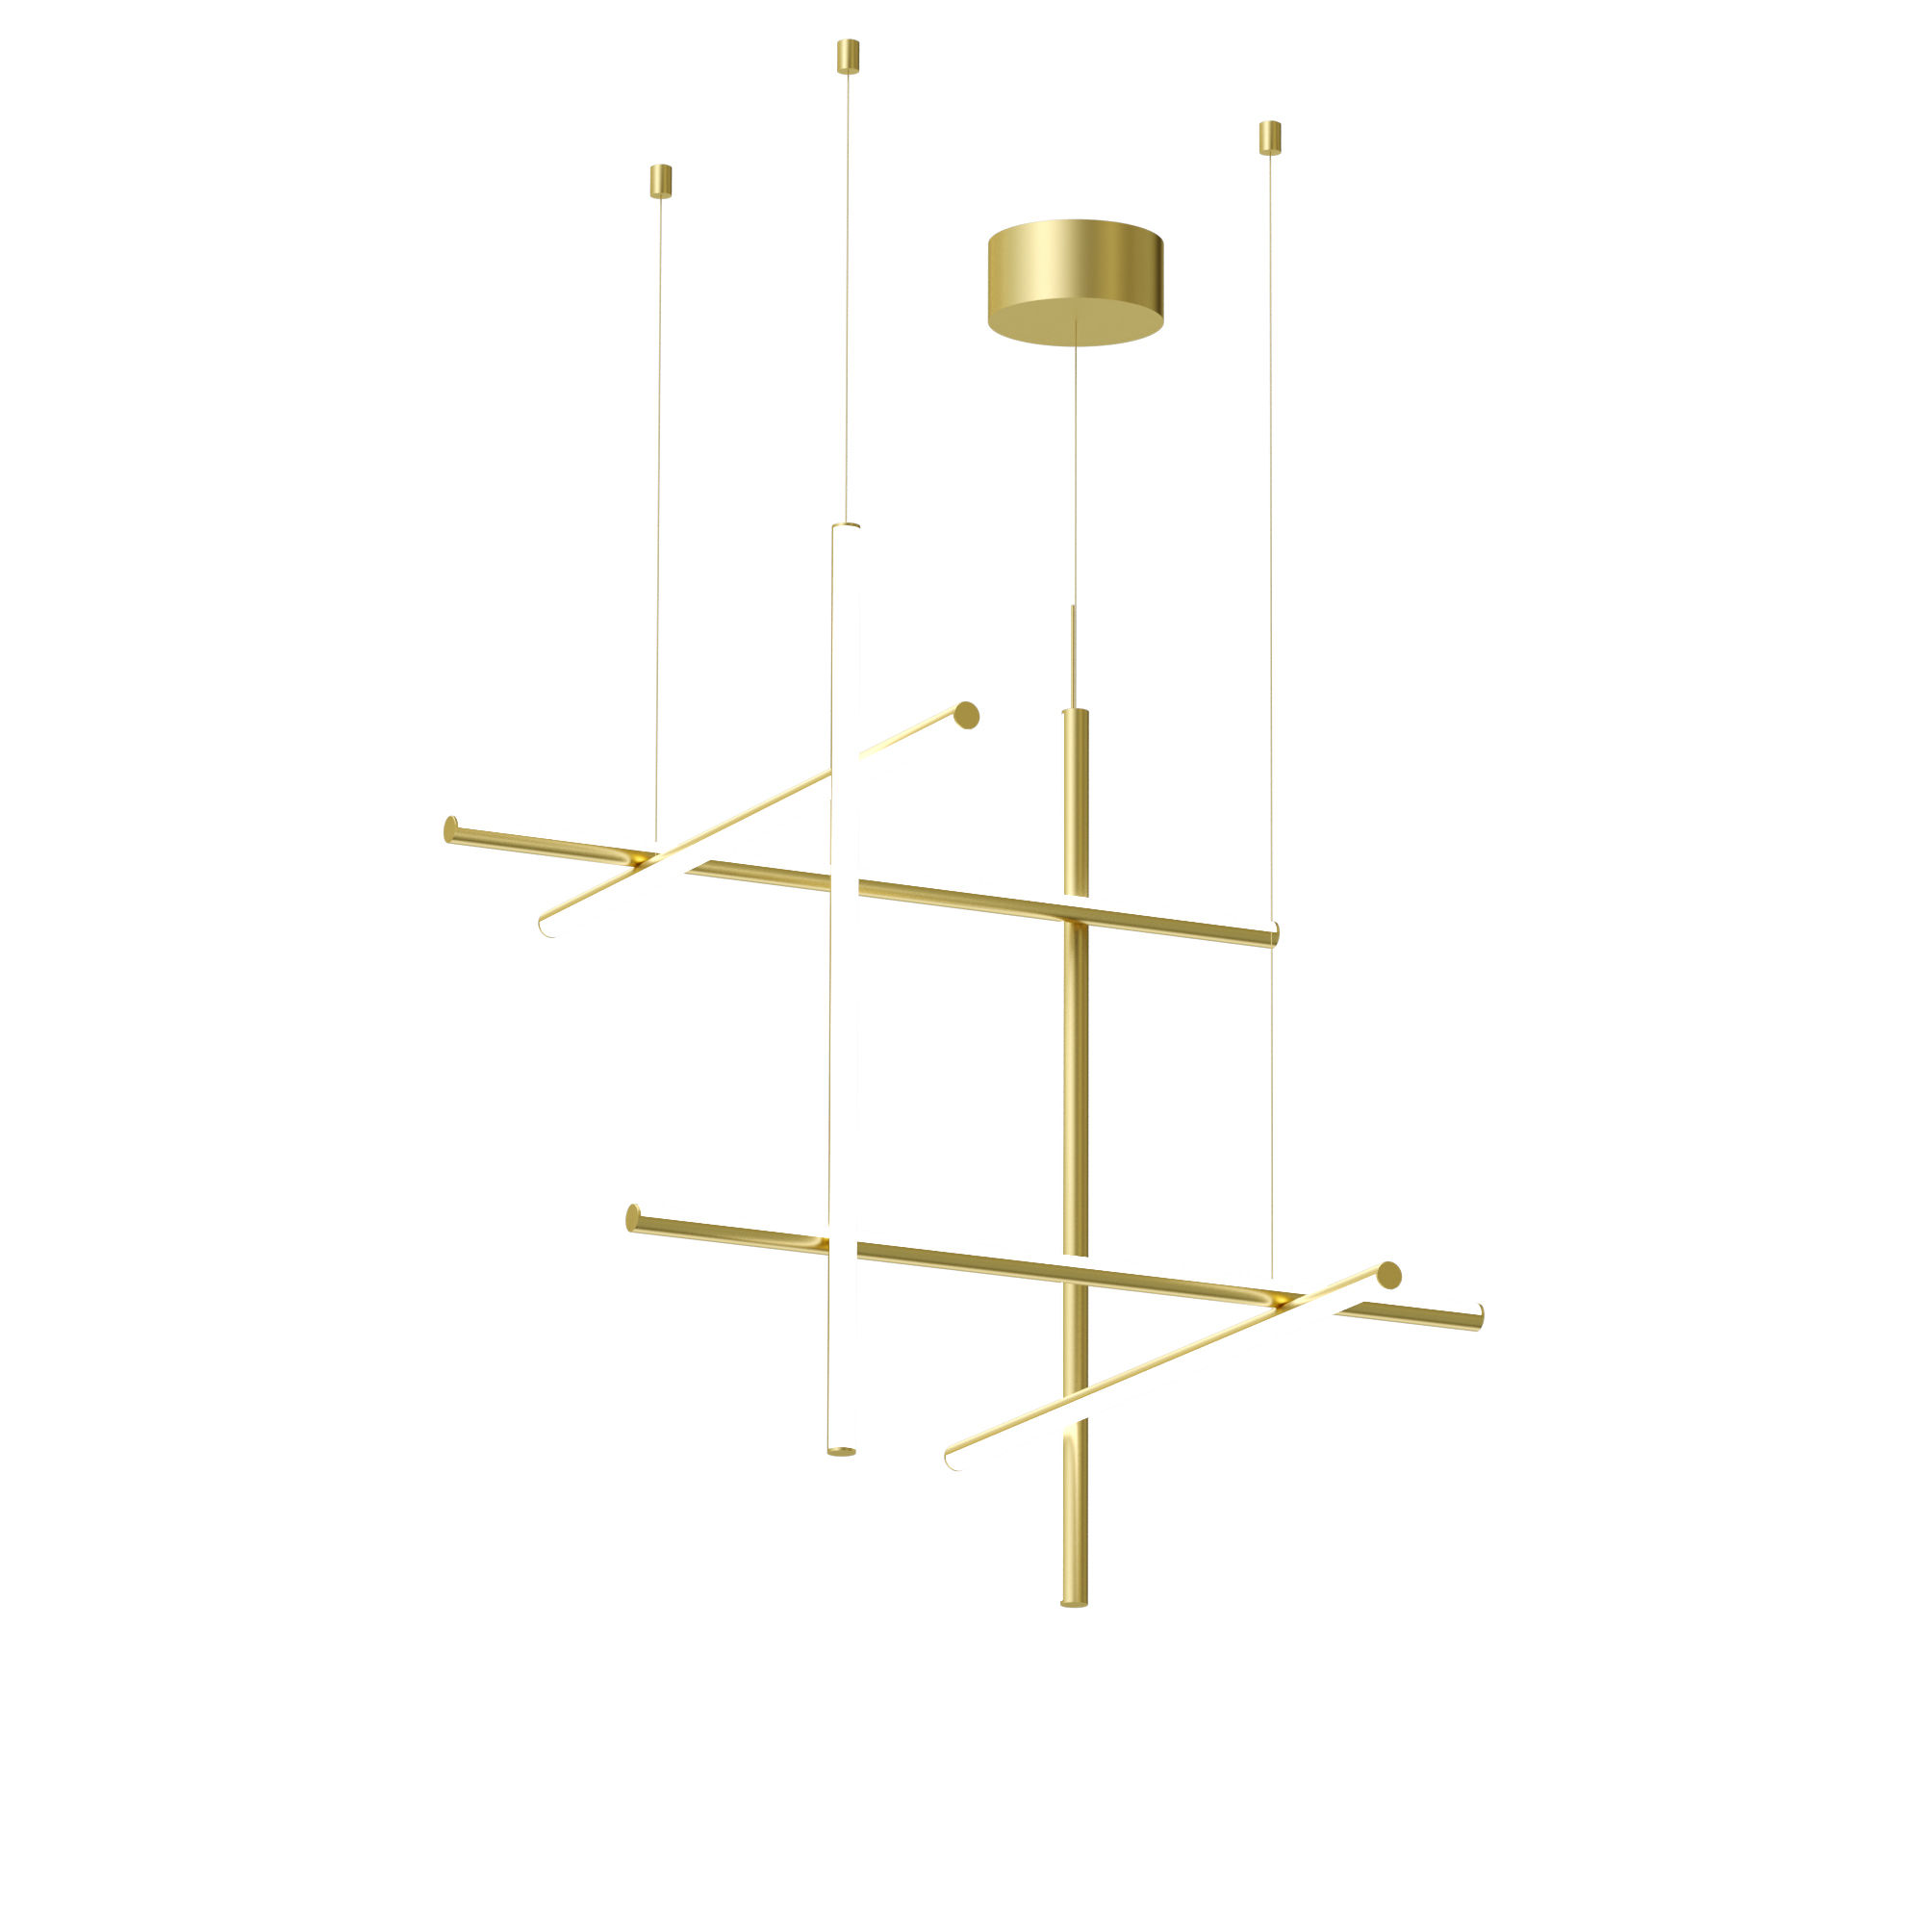 Luminaire - Suspensions - Suspension Coordinates S3 LED / L 78 x H 78 cm - Flos - Champagne anodisé - Aluminium extrudé